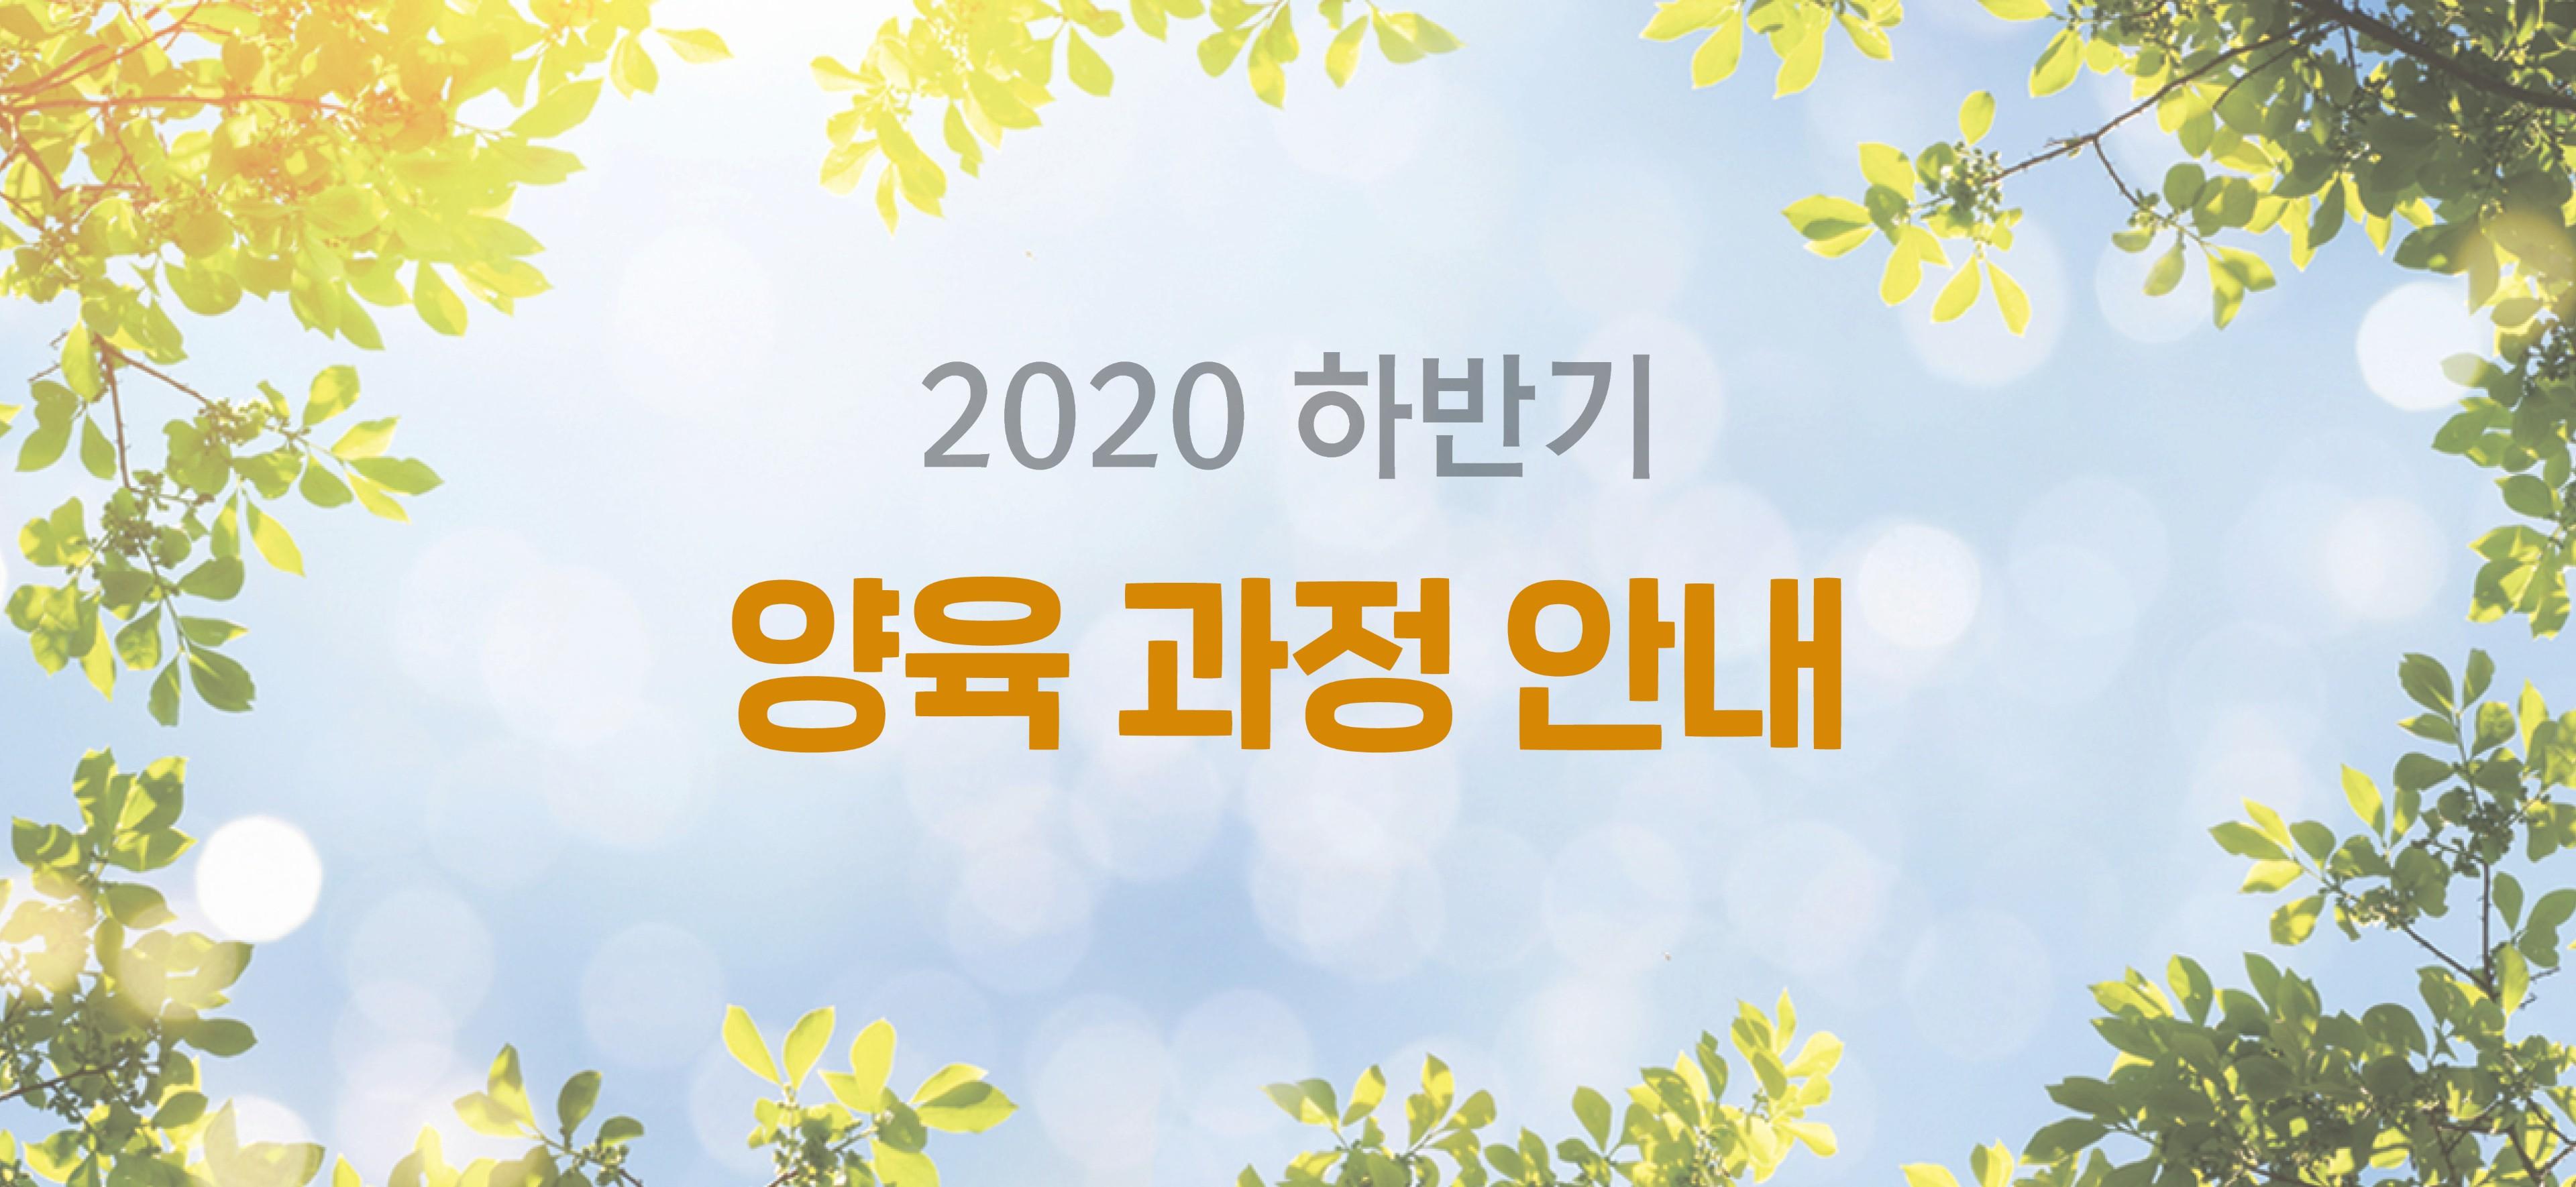 온누리교회 2020 하반기 양육 과정